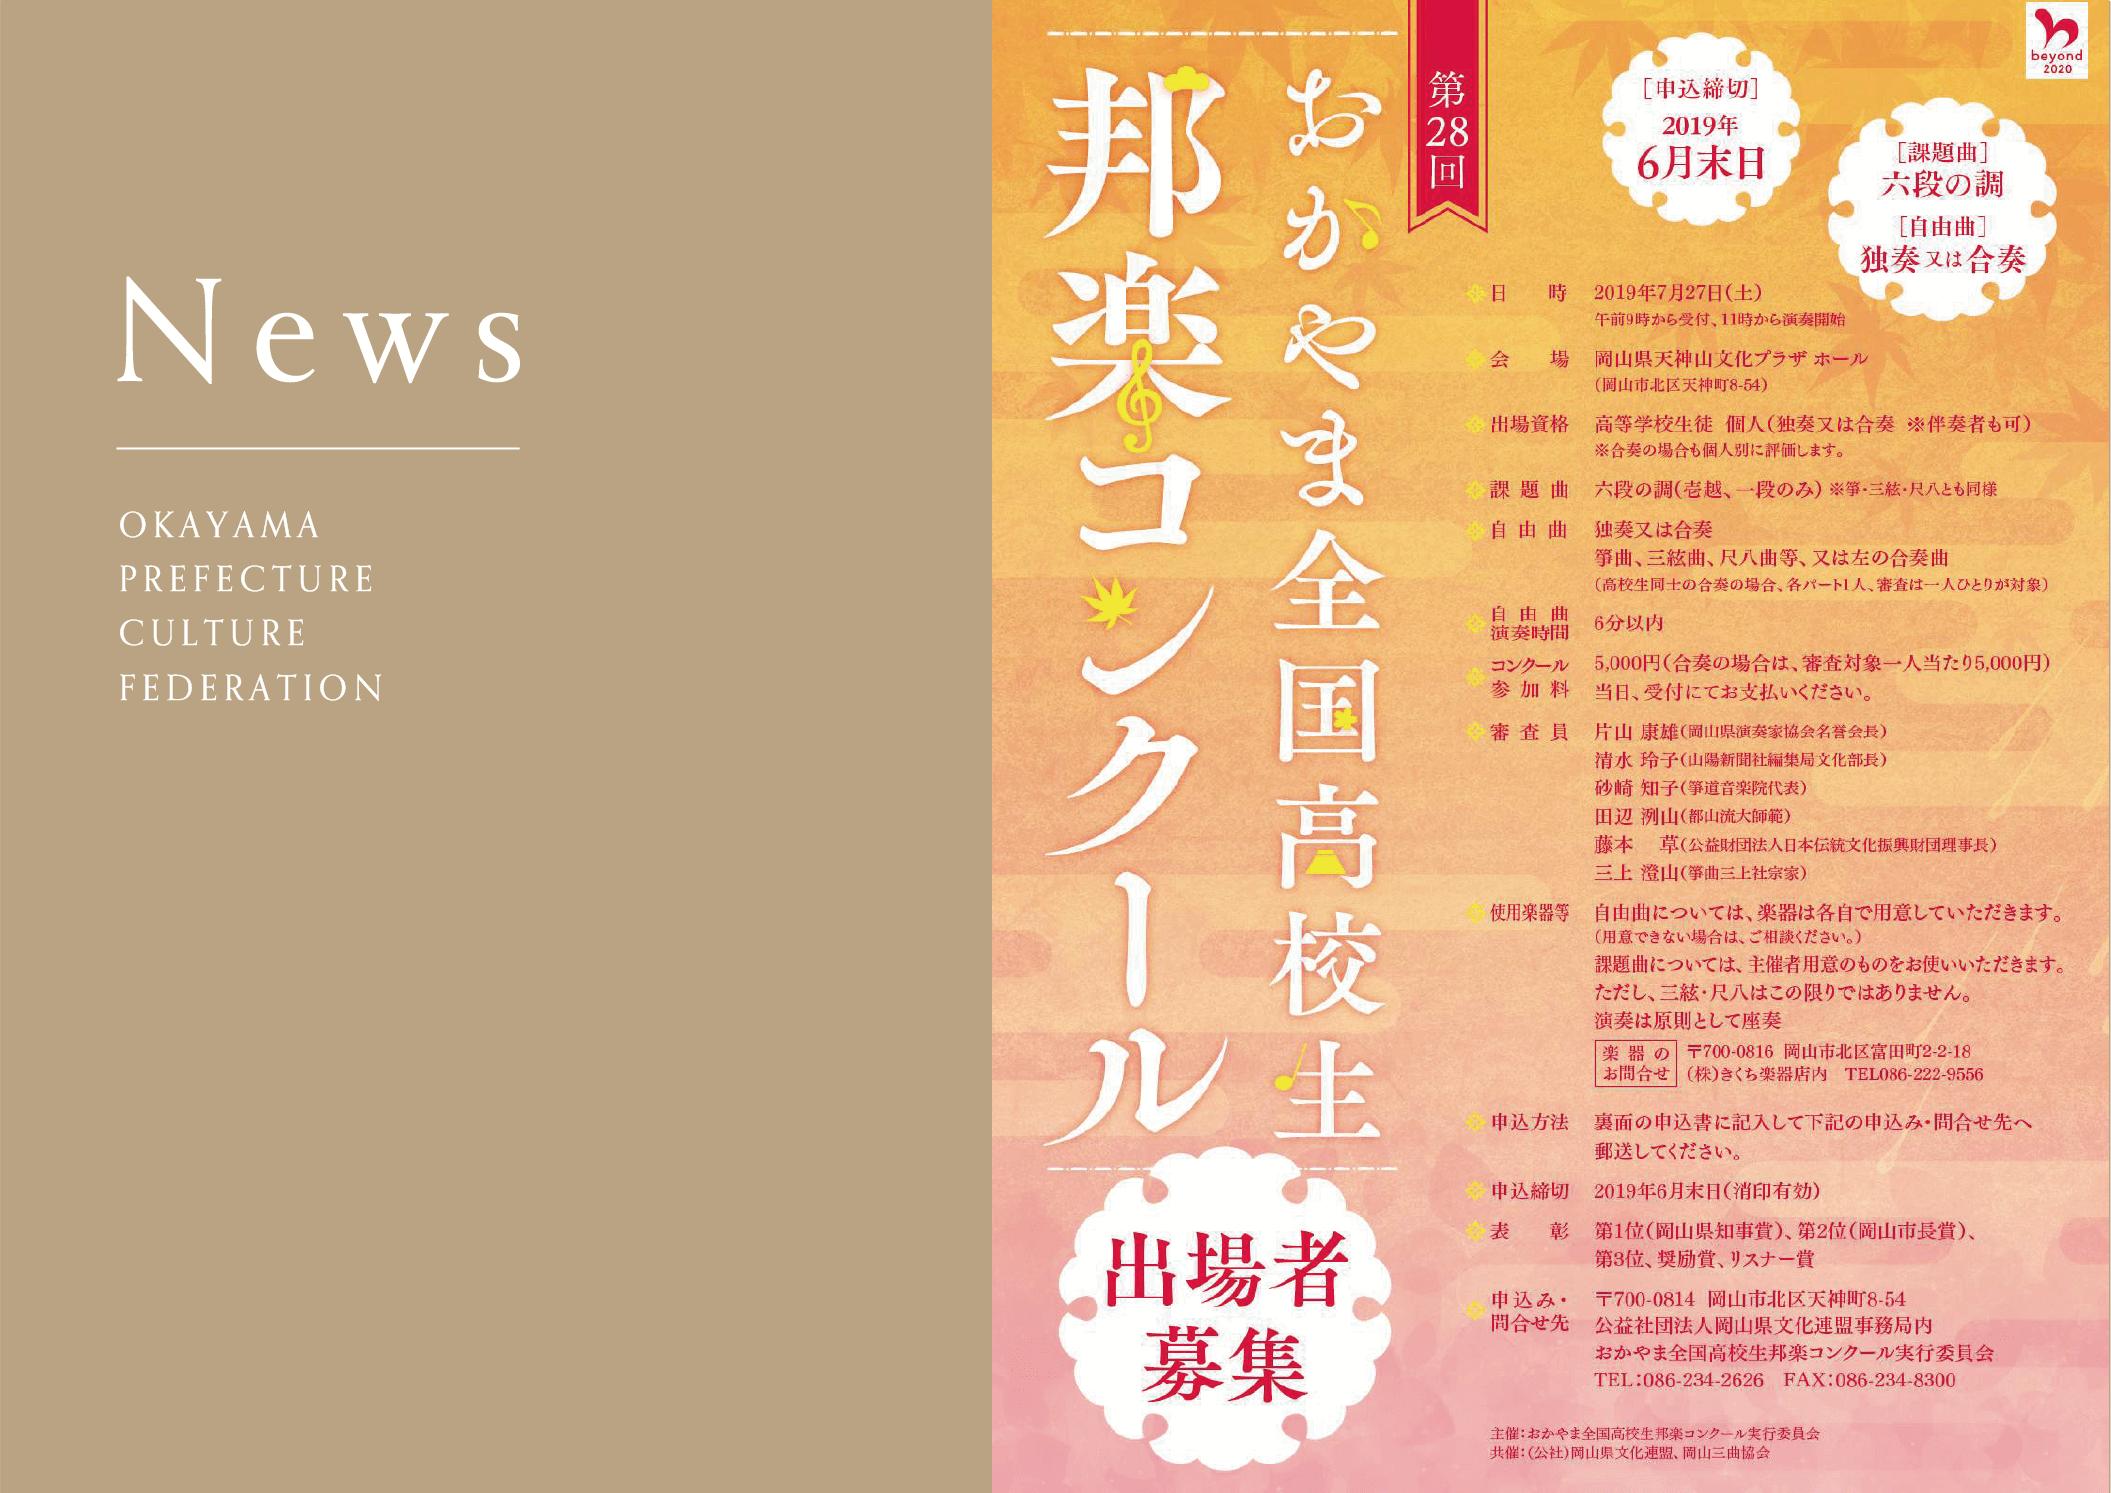 【終了】第28回おかやま全国高校生邦楽コンクール出場者募集